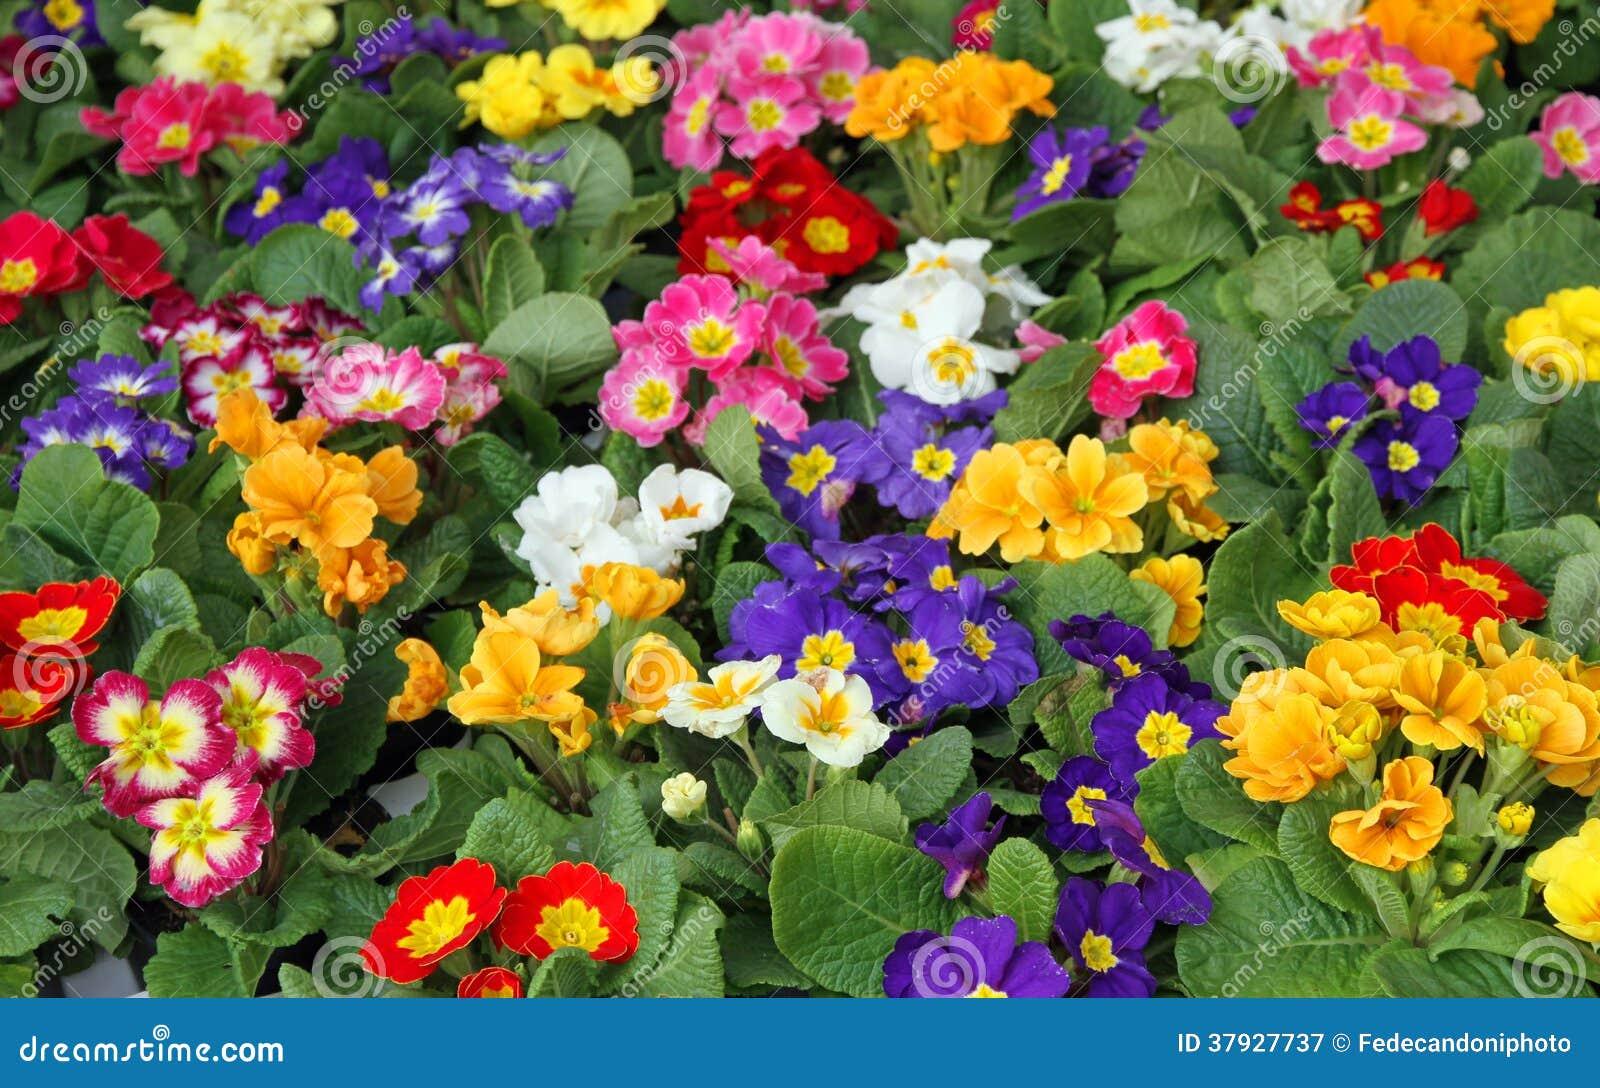 molla della primula di molti fiori in vendita all 39 ingrosso 2 immagine stock immagine di fiore. Black Bedroom Furniture Sets. Home Design Ideas